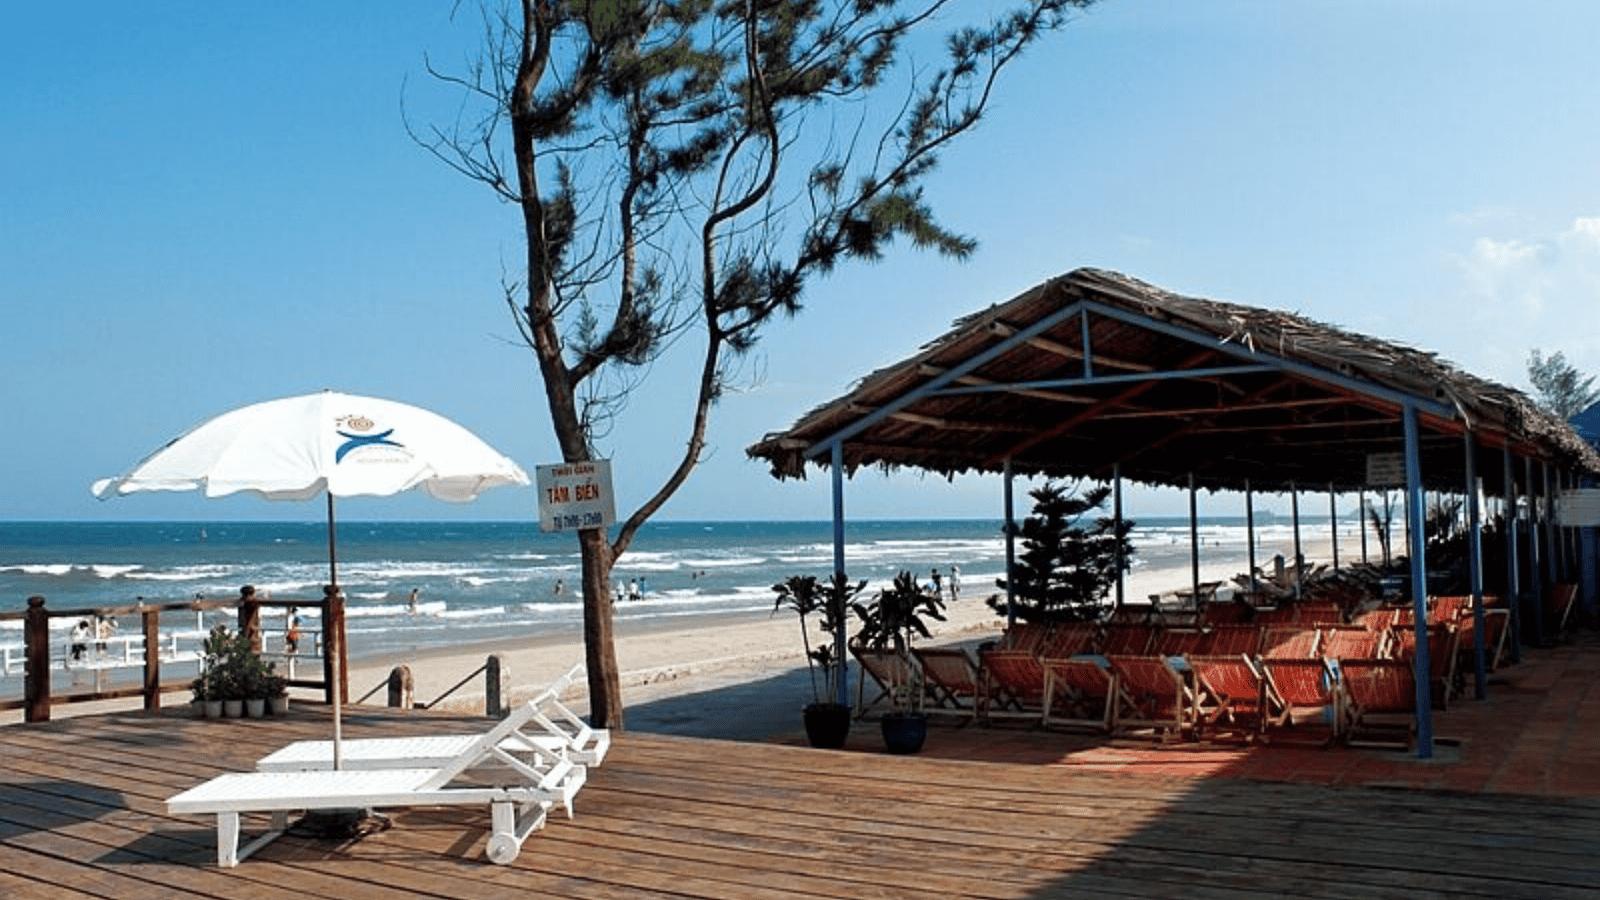 Khu du lịch cạnh biển với đầy đủ tiện nghi phù hợp cho các chương trình team building đội nhóm